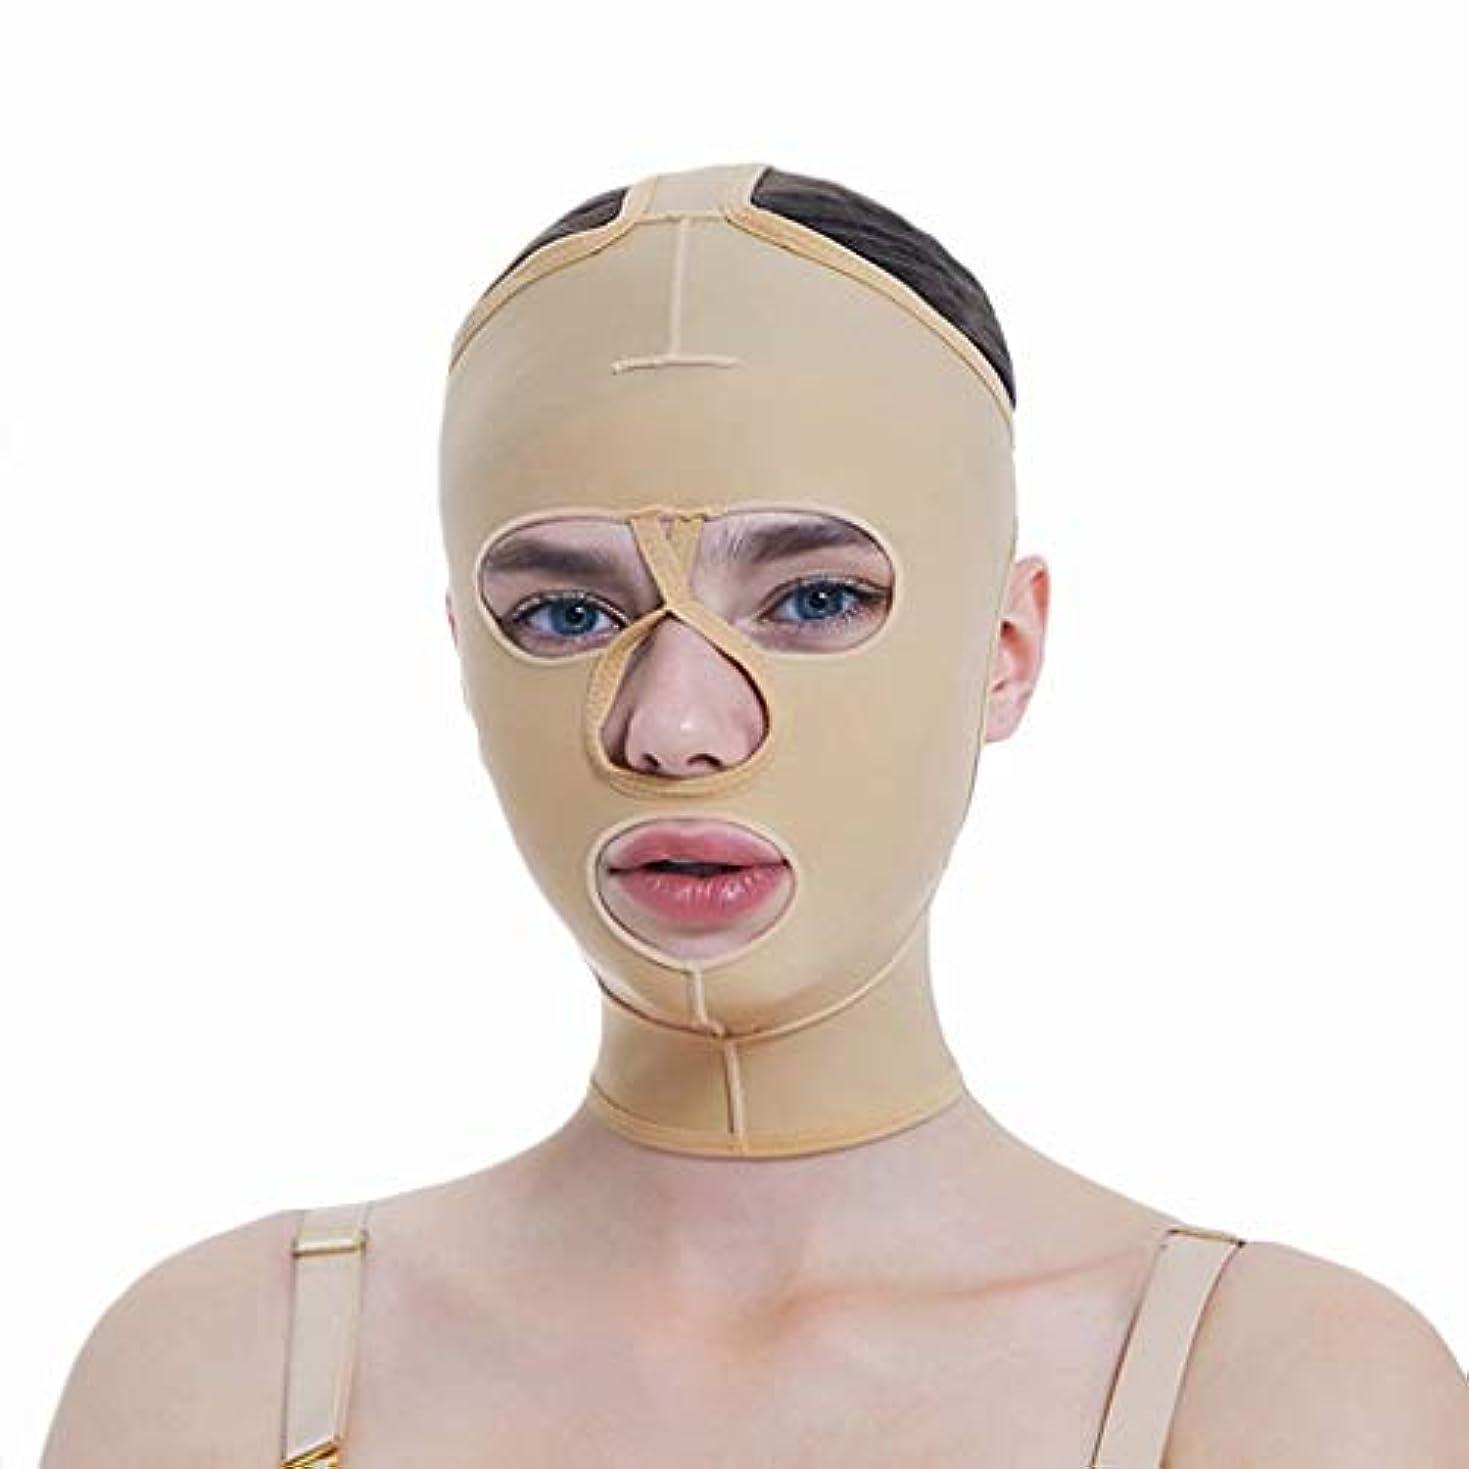 ぜいたく機関車したいフェイシャル減量マスク、フルカバレッジ包帯、フルフェイスリフティングマスク、フェイスマスク、快適で リフティングシェーピング(サイズ:S),XS